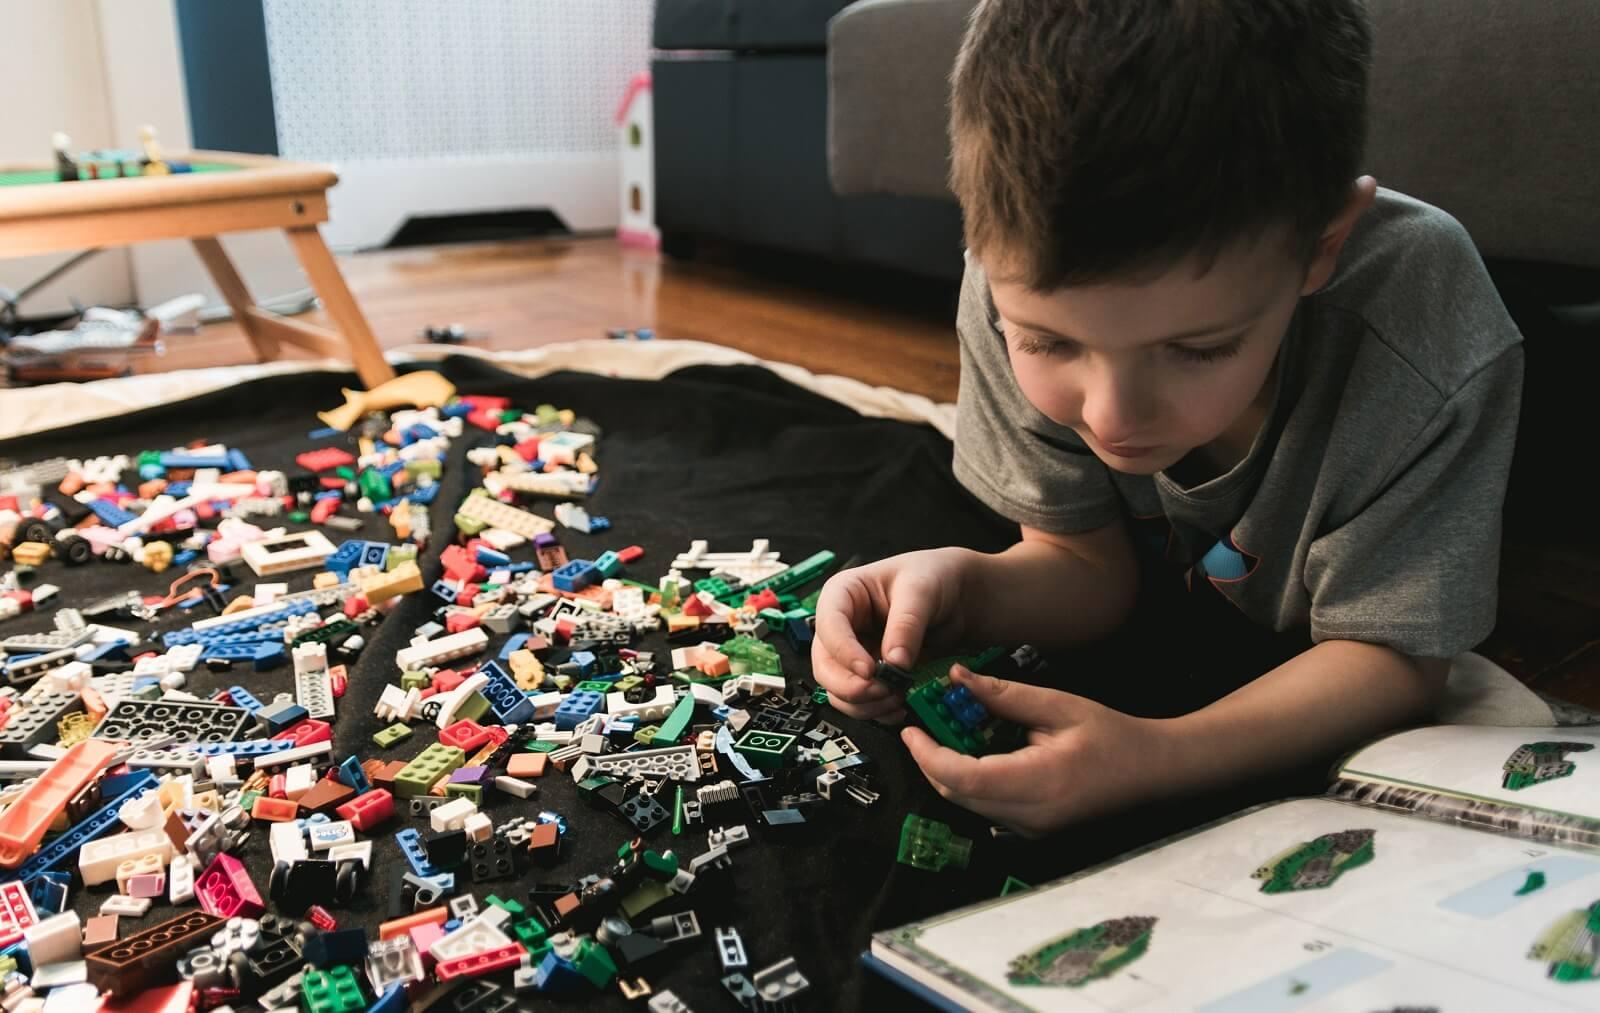 Twoje dziecko bawi się zestawem LEGO tylko raz?